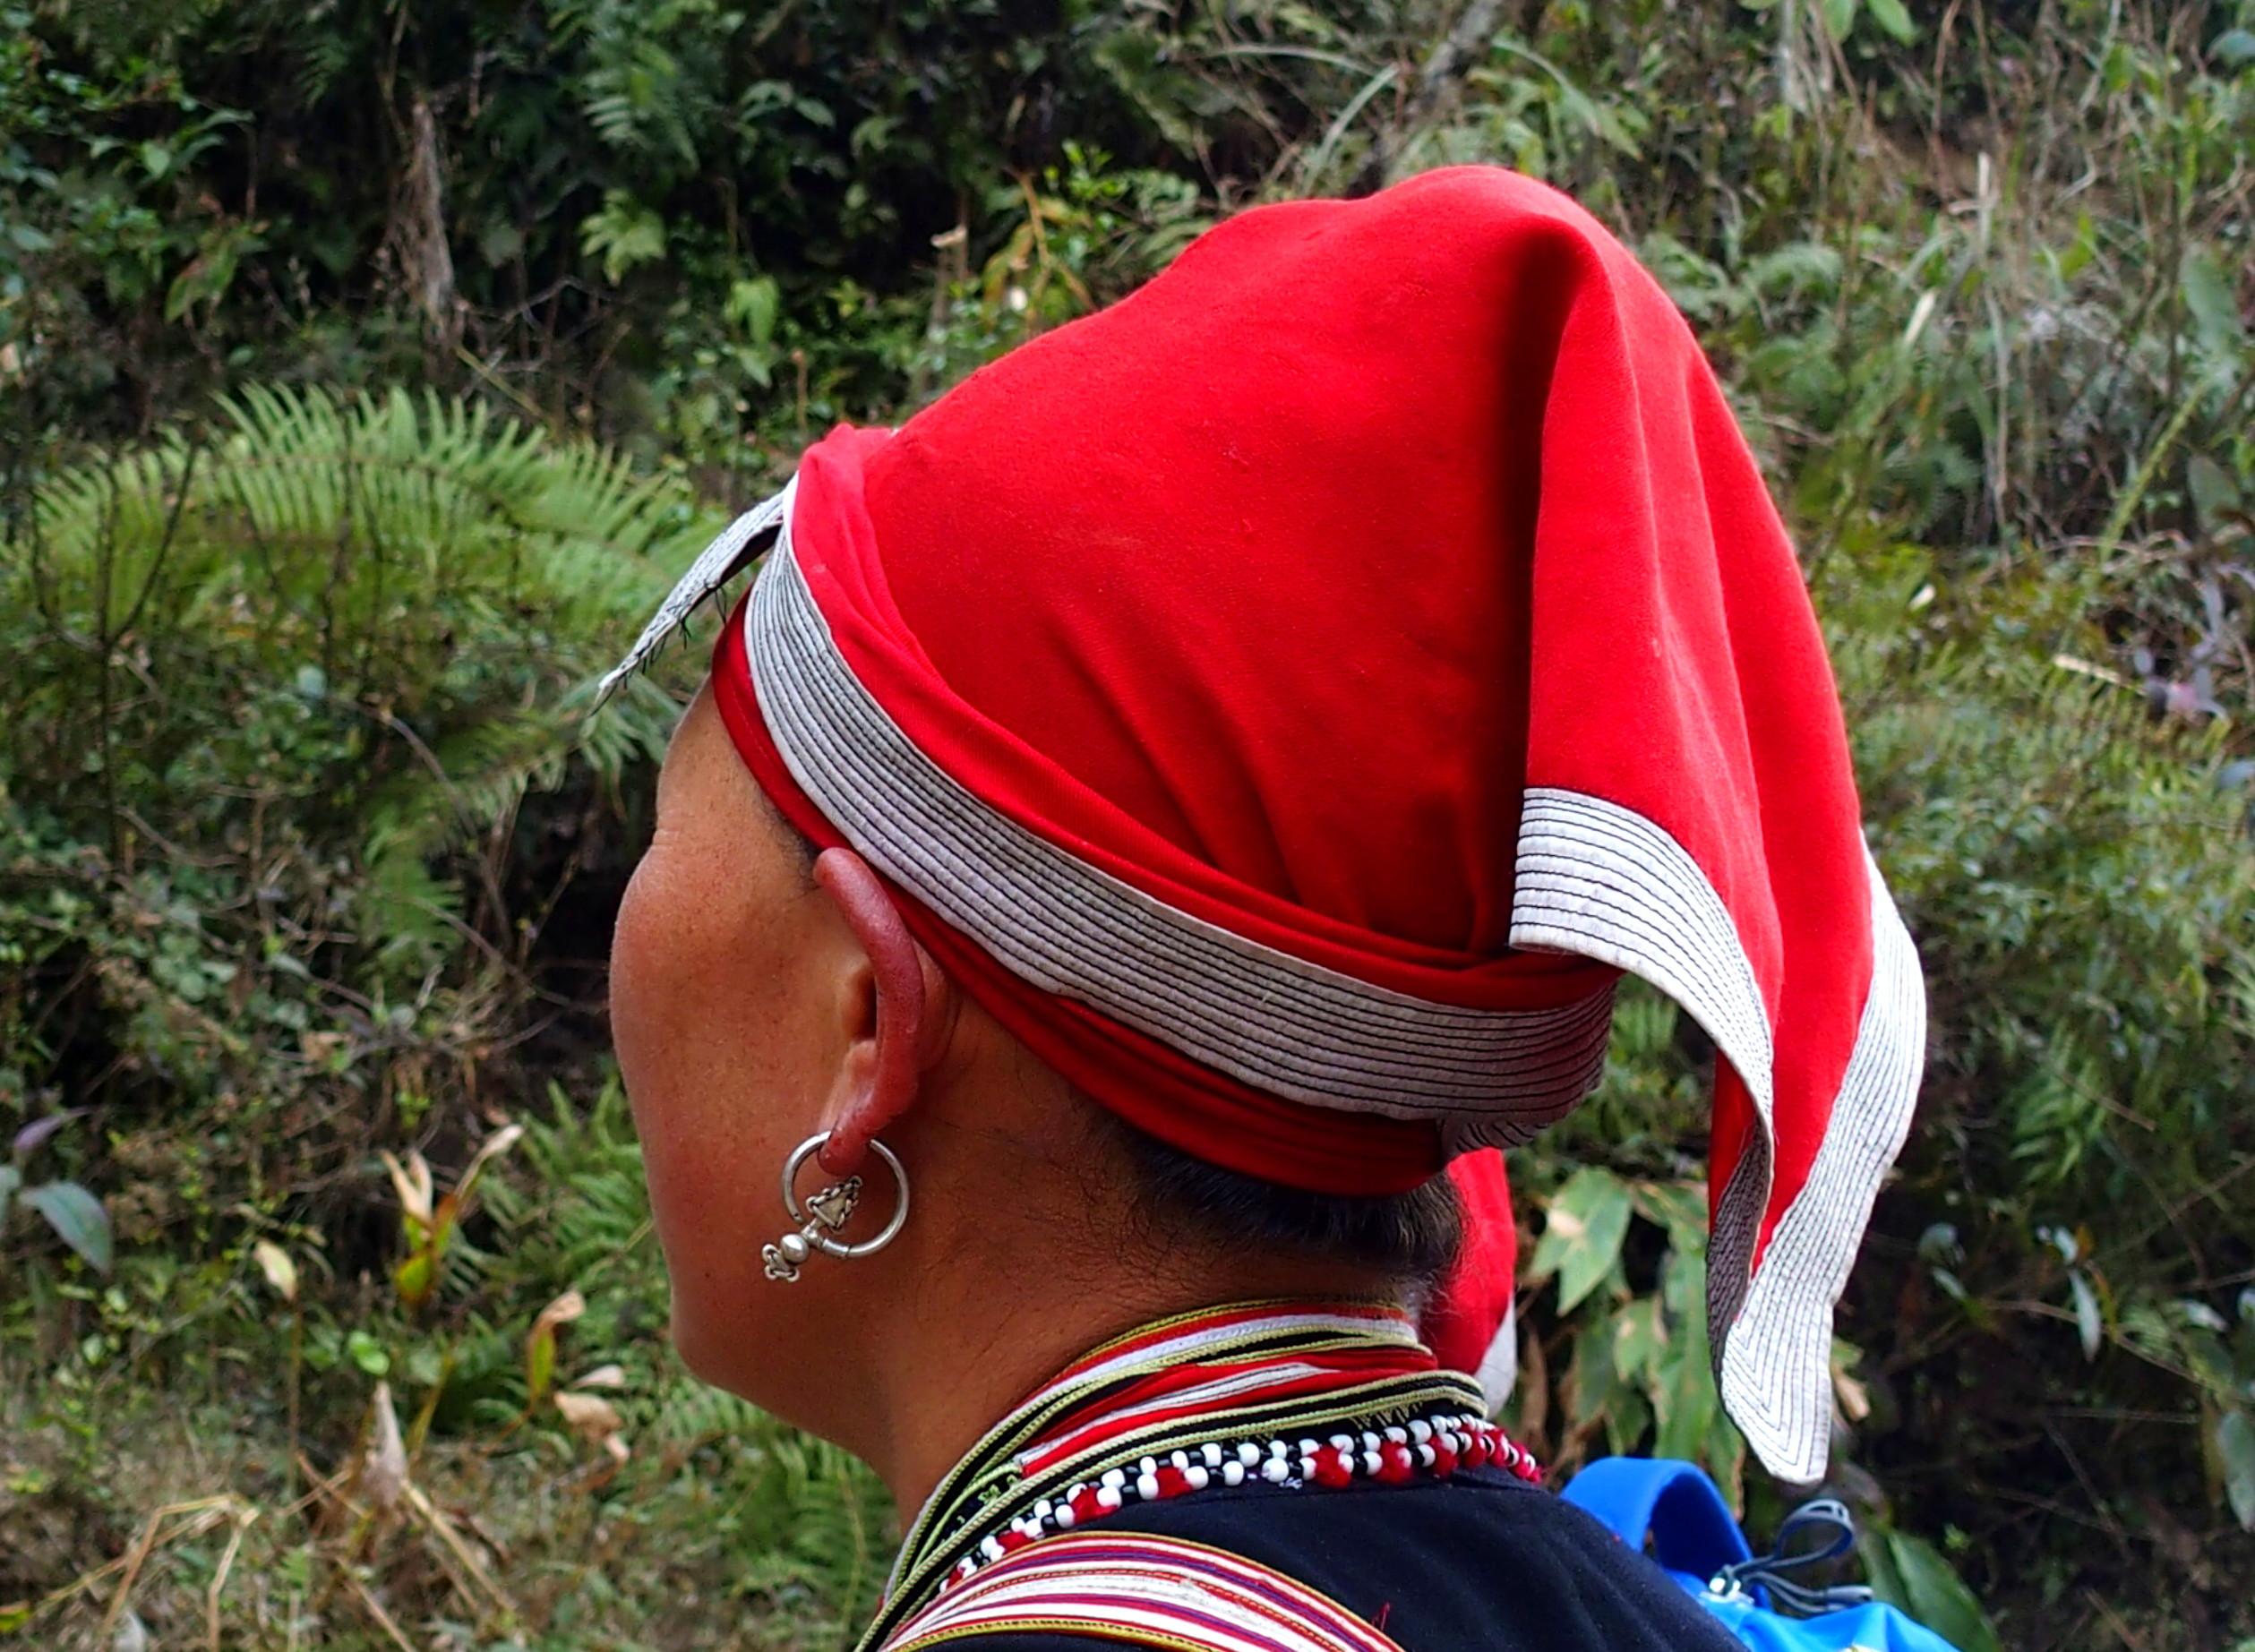 Boucle d'oreille femme Dao souvenirs du Vietnam